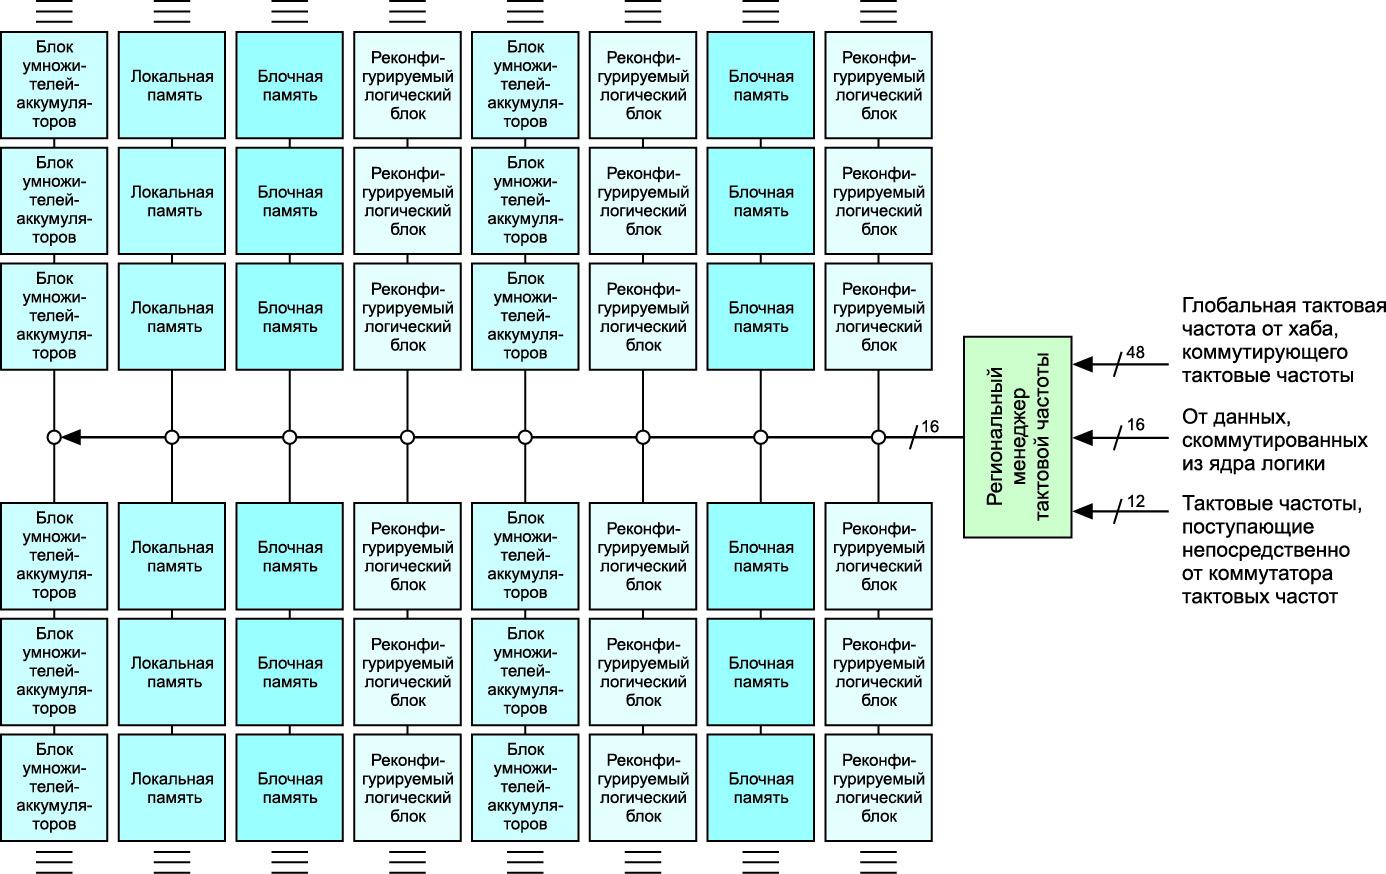 Подробный вид области сигналов тактовых частот